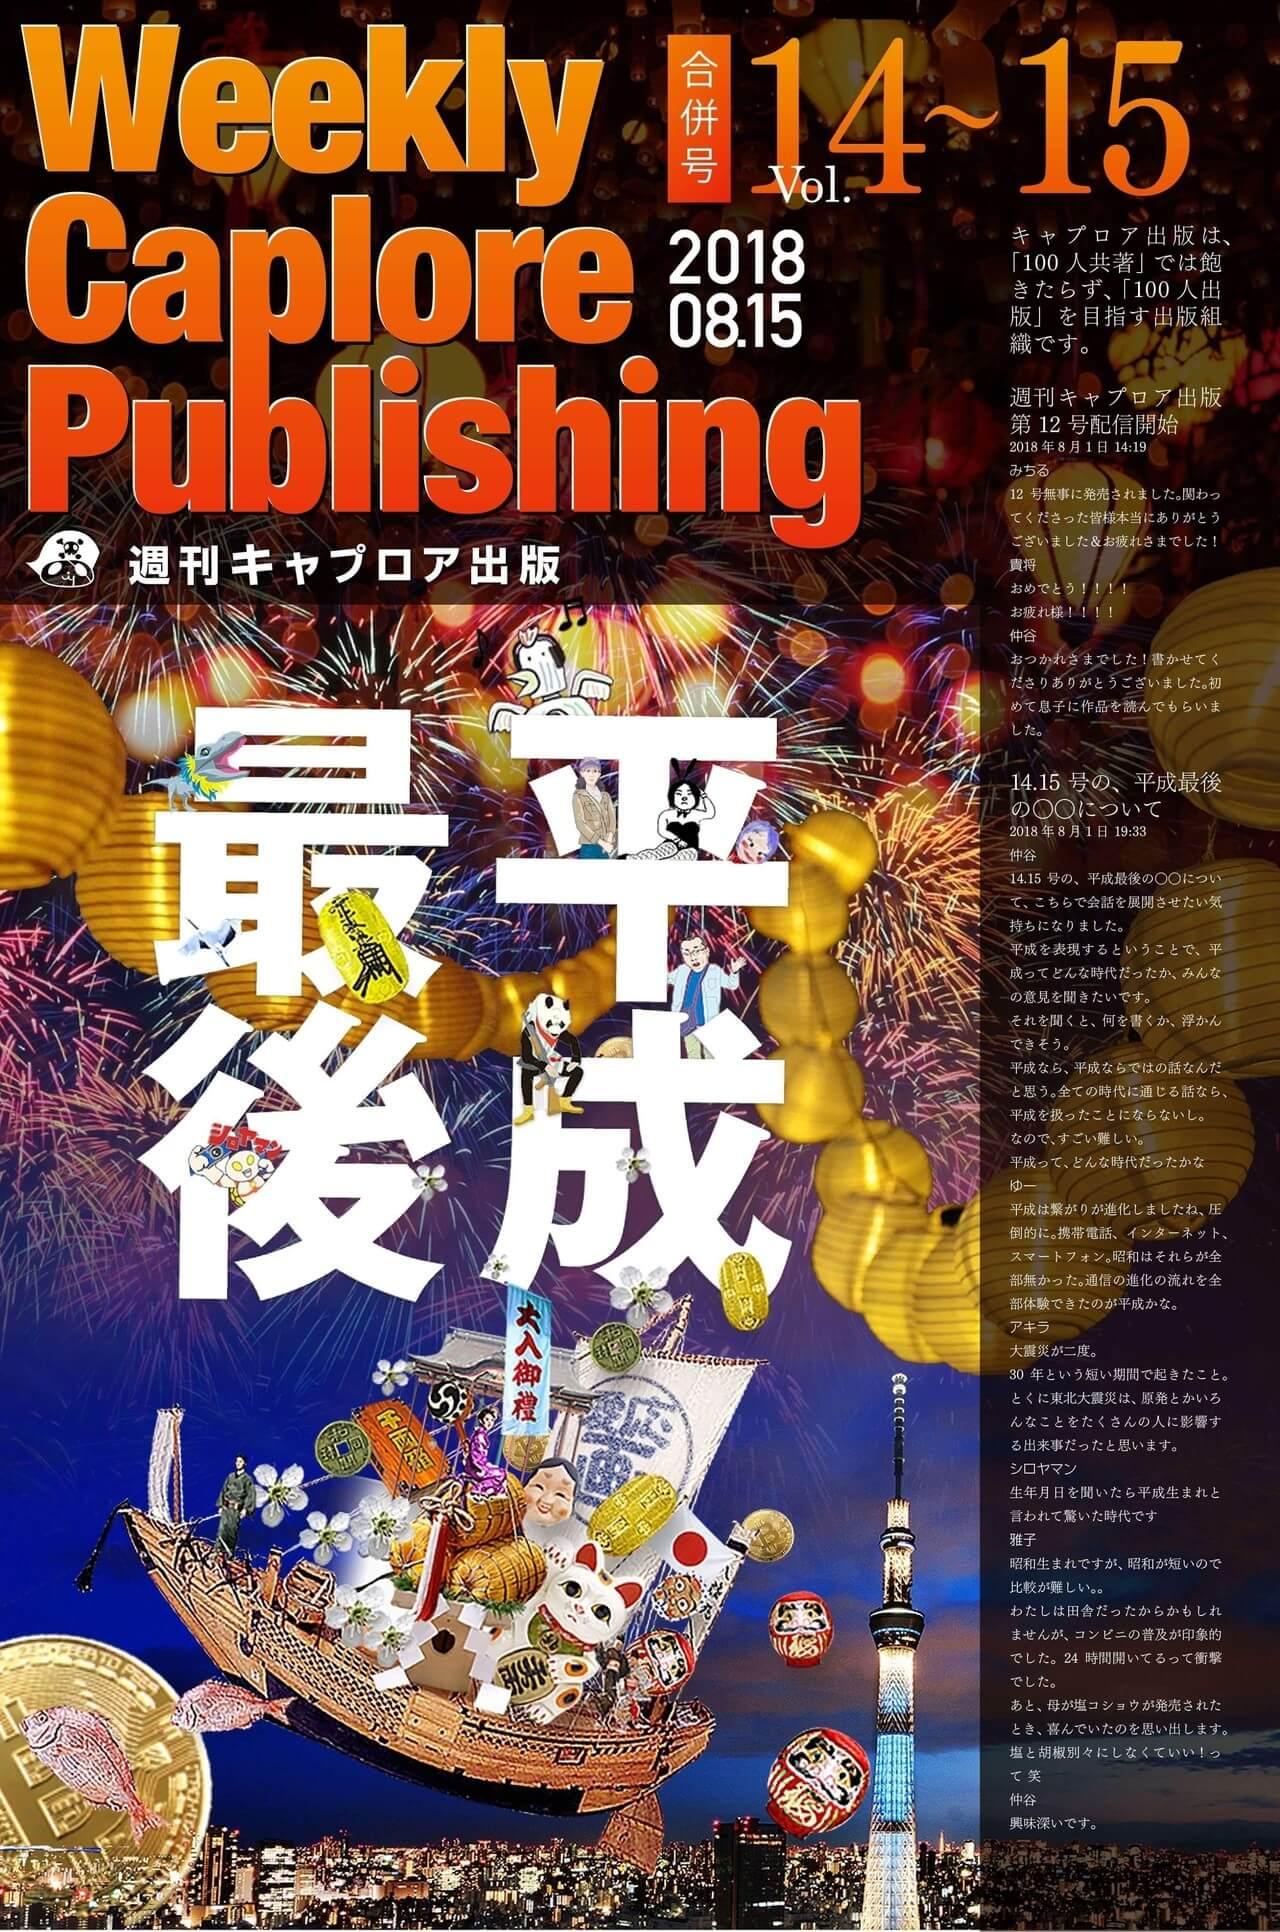 週刊キャプロア出版(第14・15合併号): 平成最後の〇〇